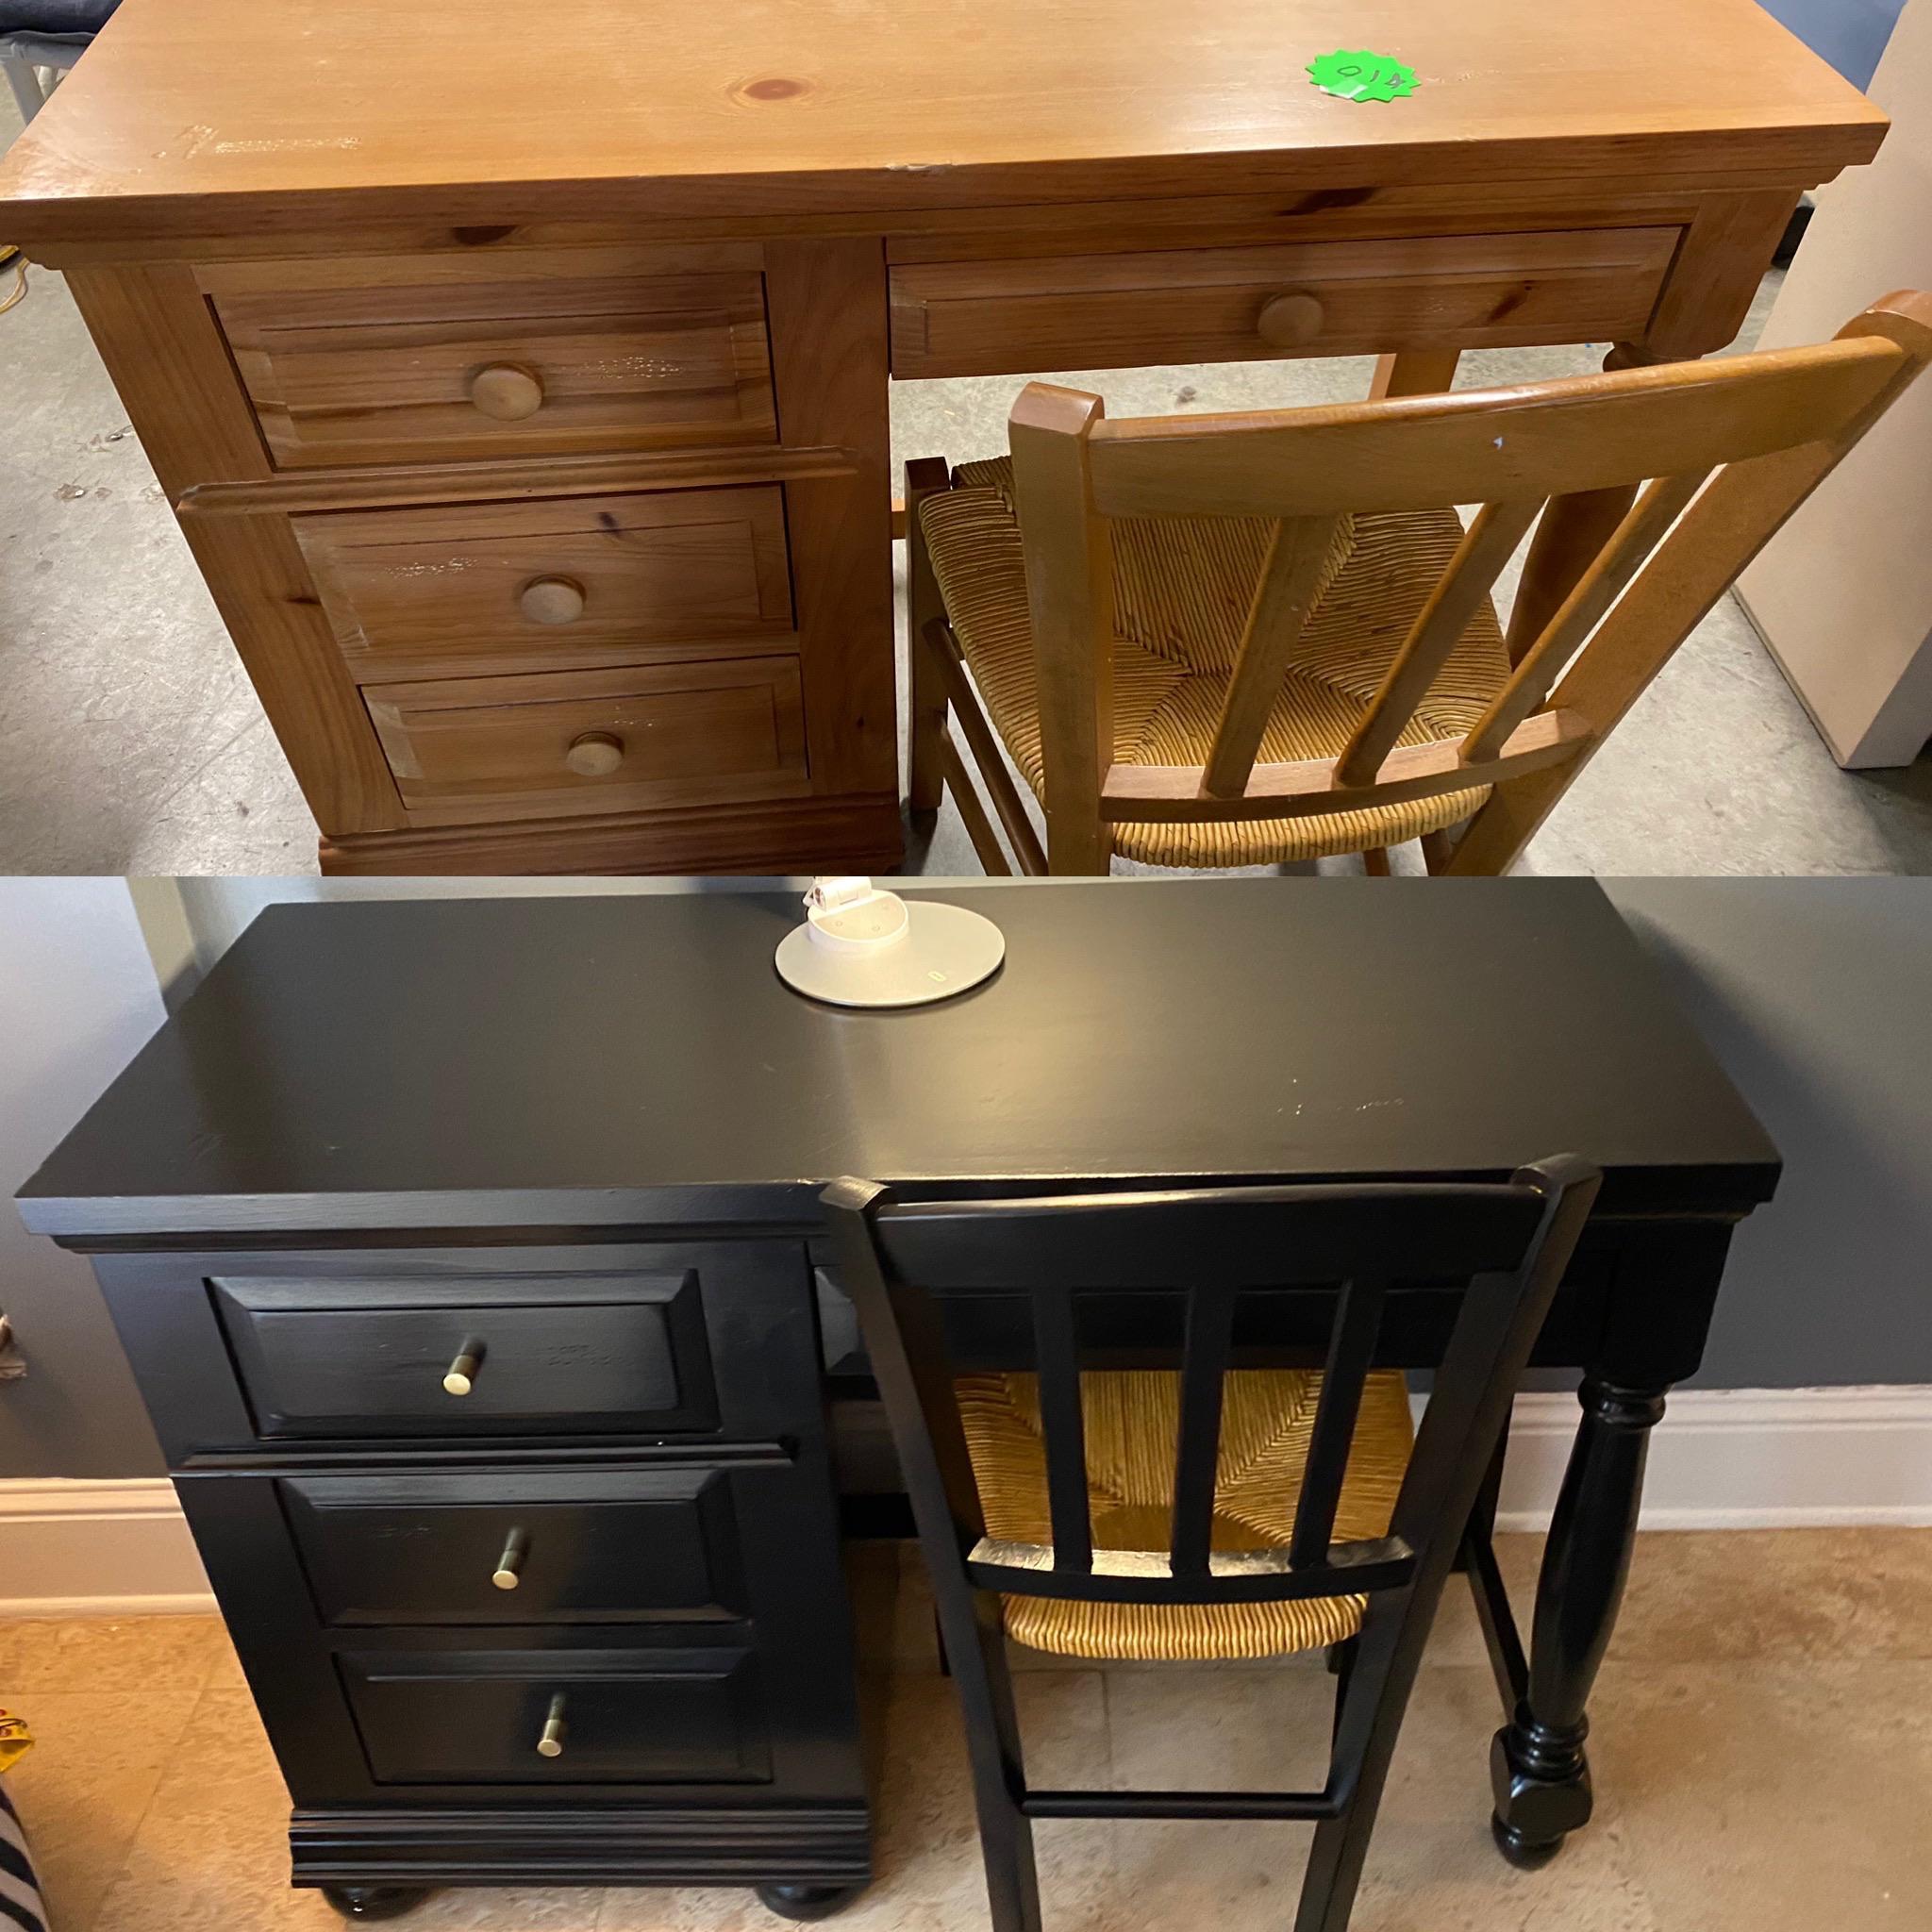 Обновить интерьер за копейки. Идеи для переделки старой мебели домашний очаг,,мебель,переделка,рукоделие,своими руками,сделай сам